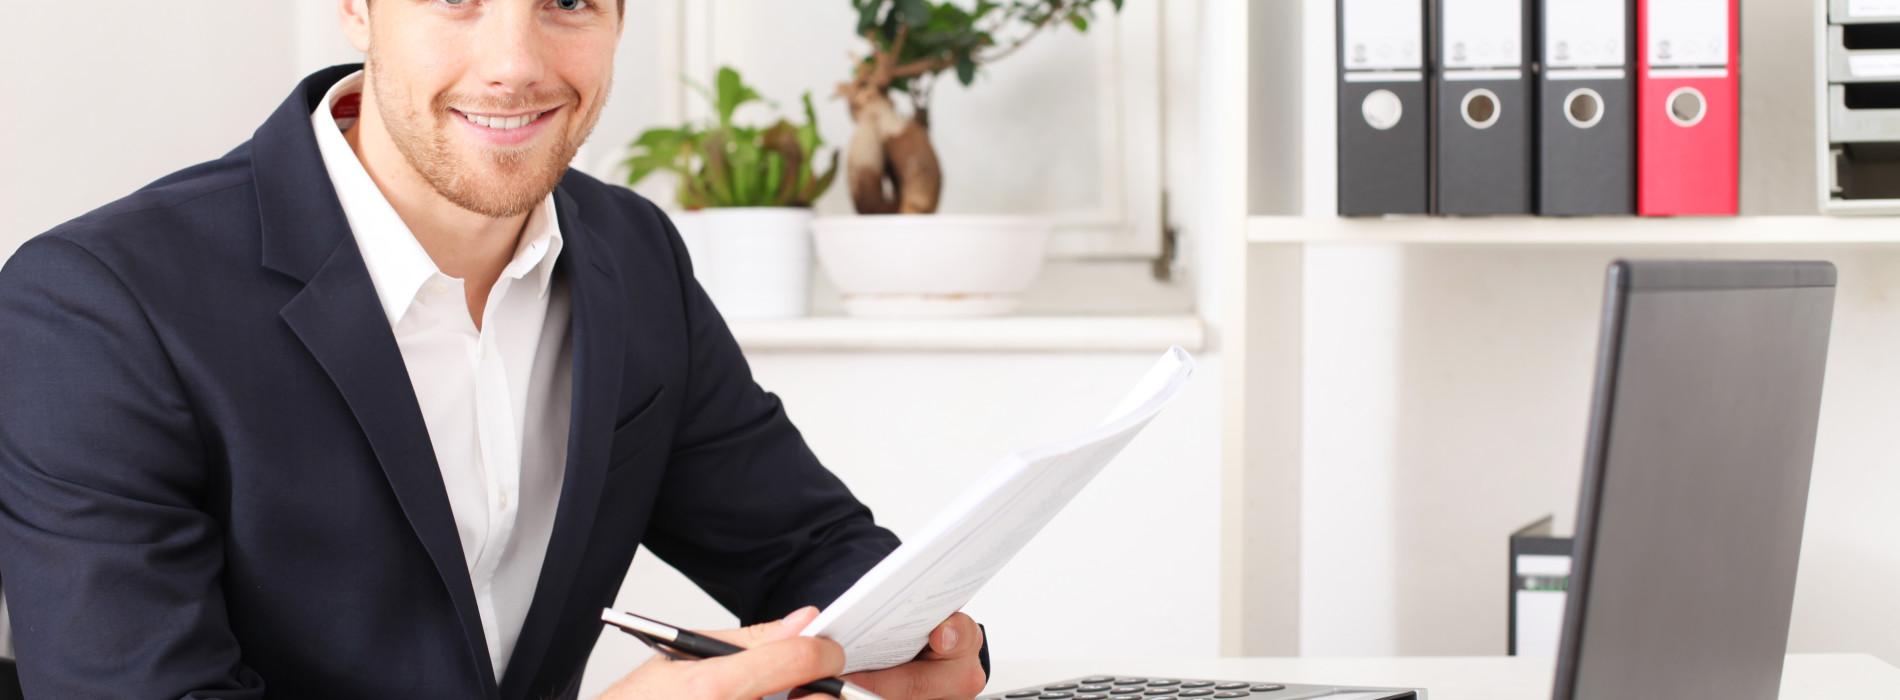 Rejestracja VAT – jakie obowiązki i jakie przywileje niesie dla podatnika